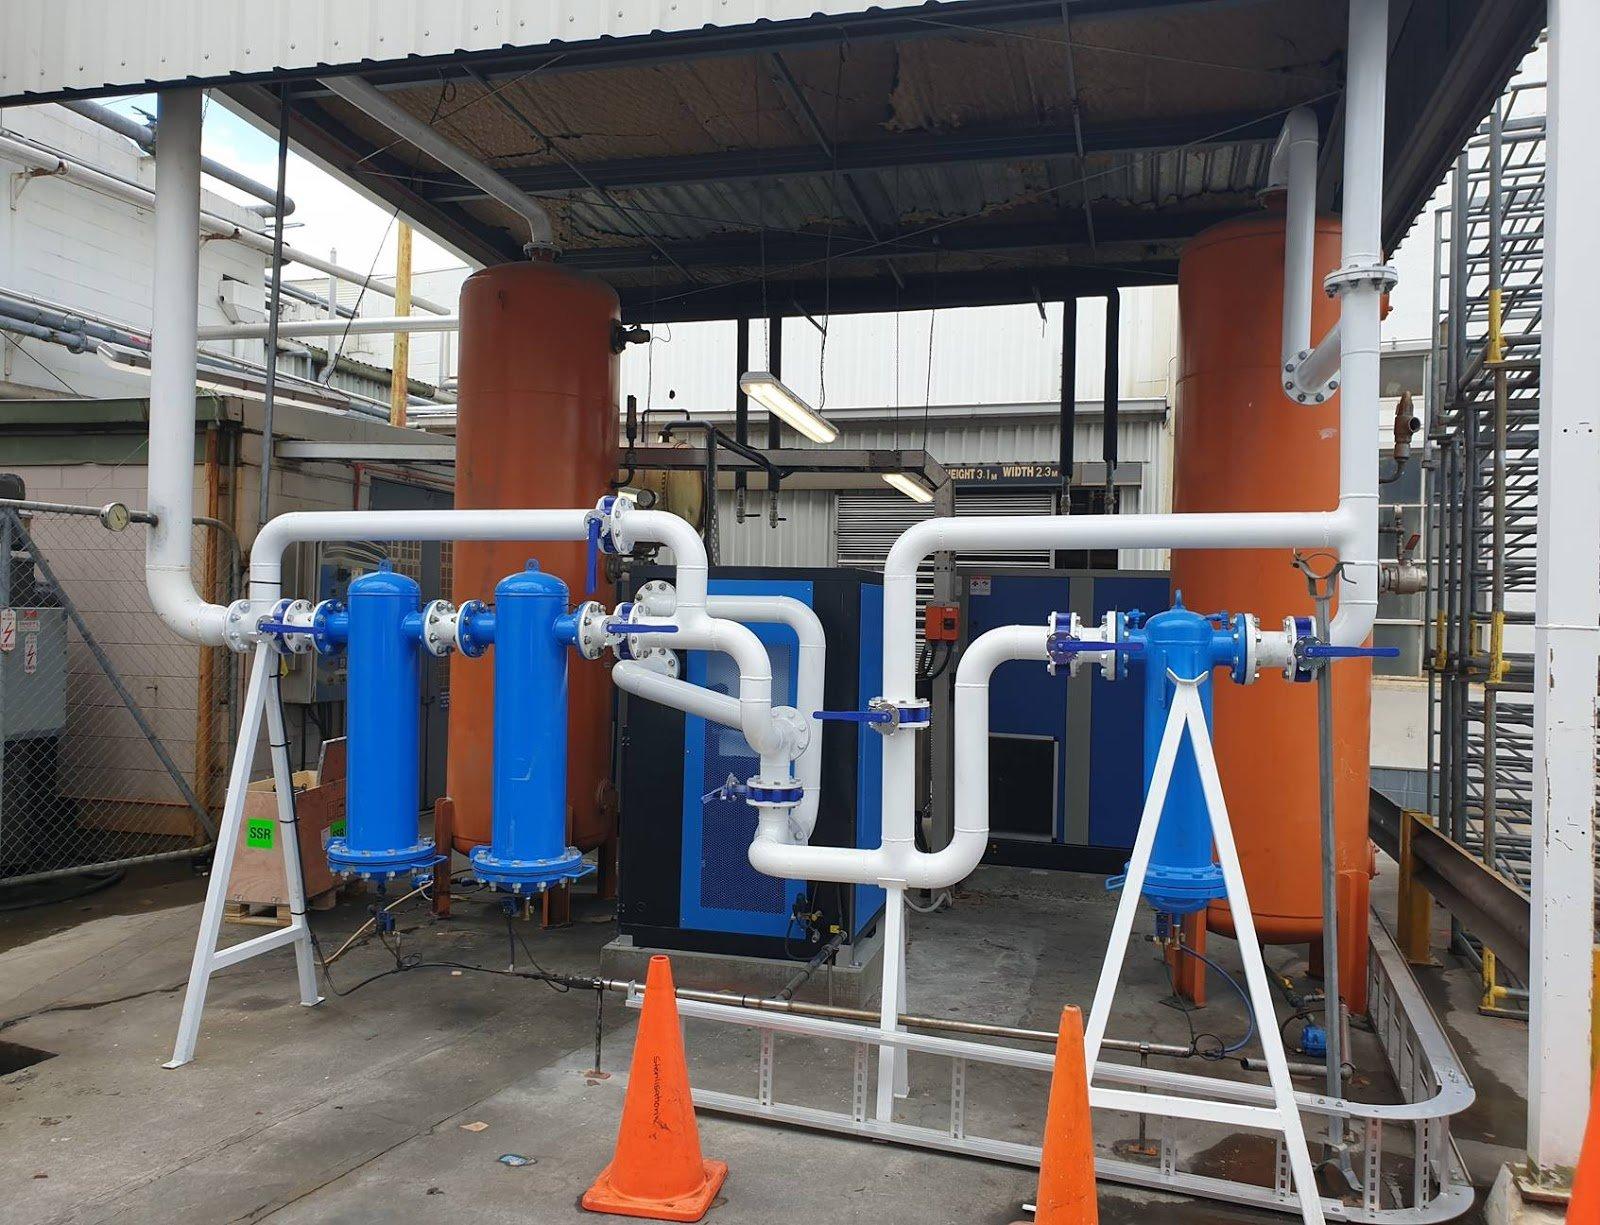 Filtration - image 4